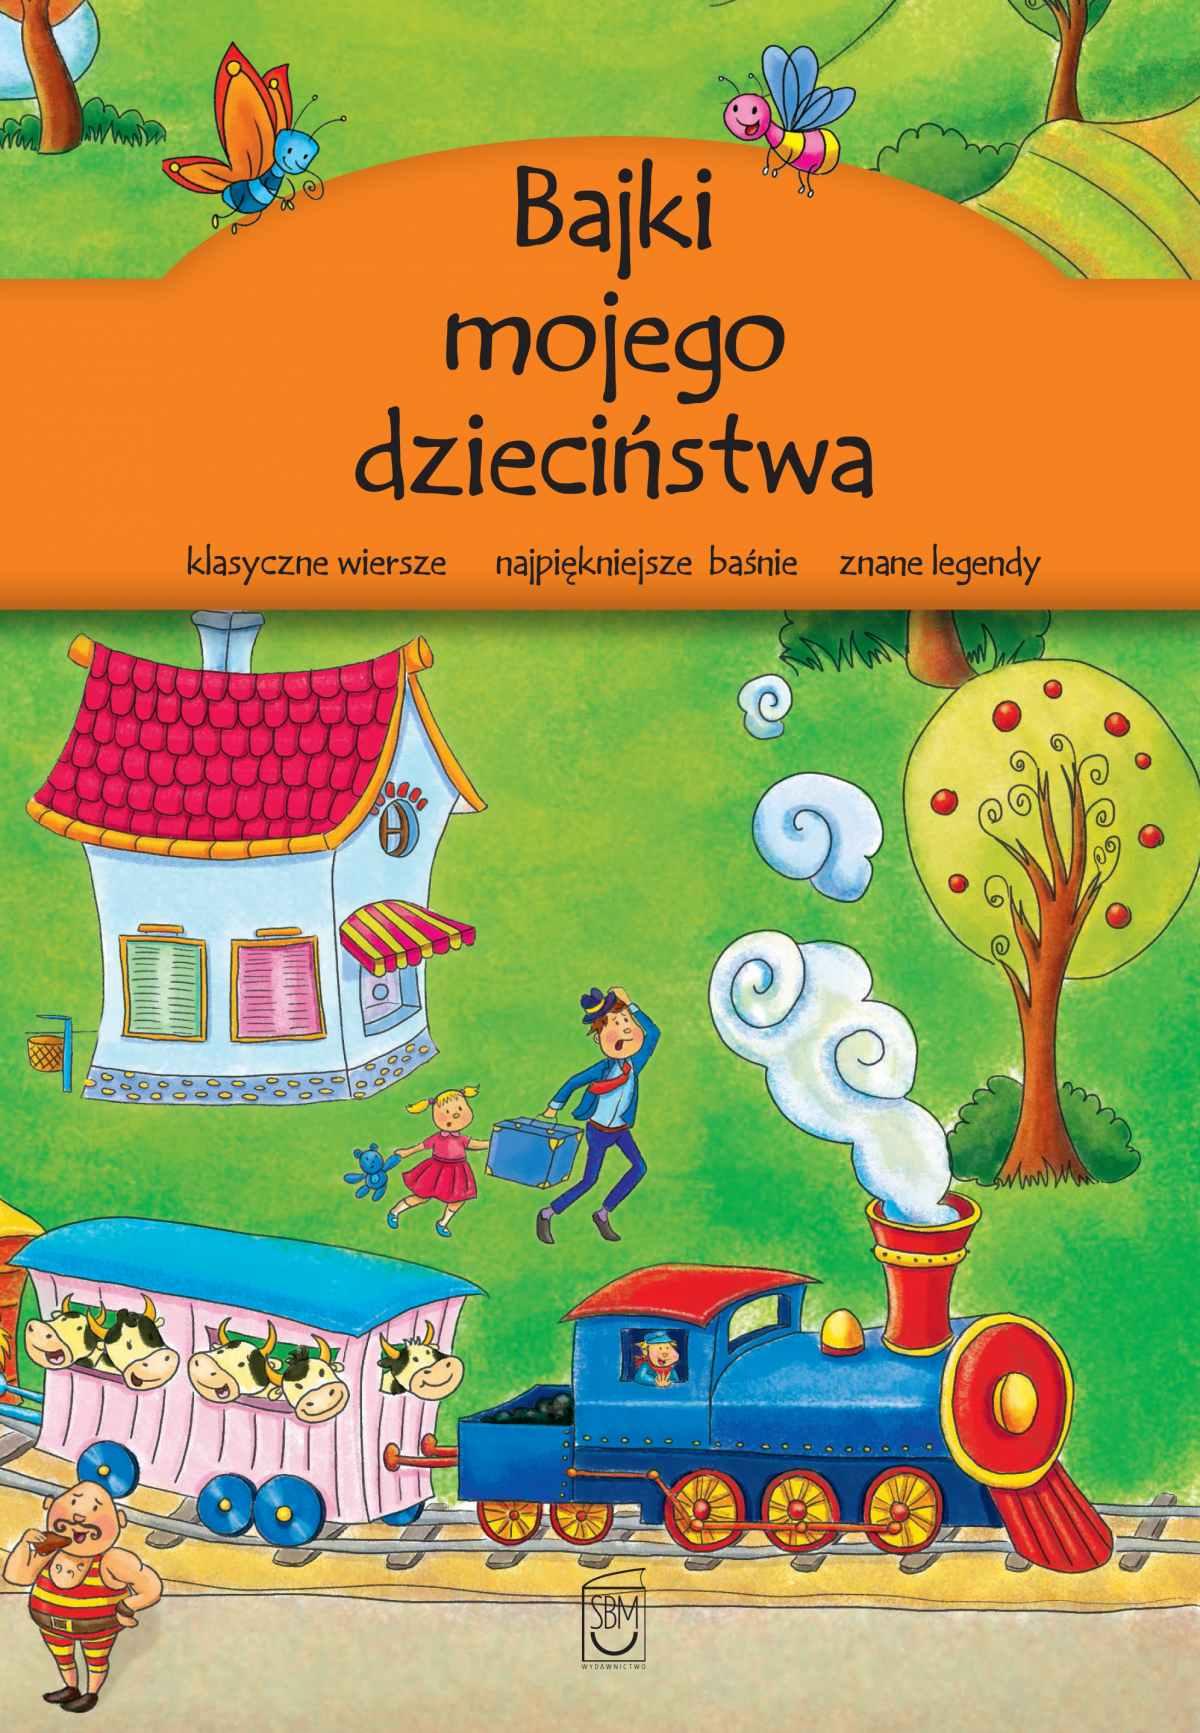 Bajki mojego dzieciństwa - Ebook (Książka PDF) do pobrania w formacie PDF